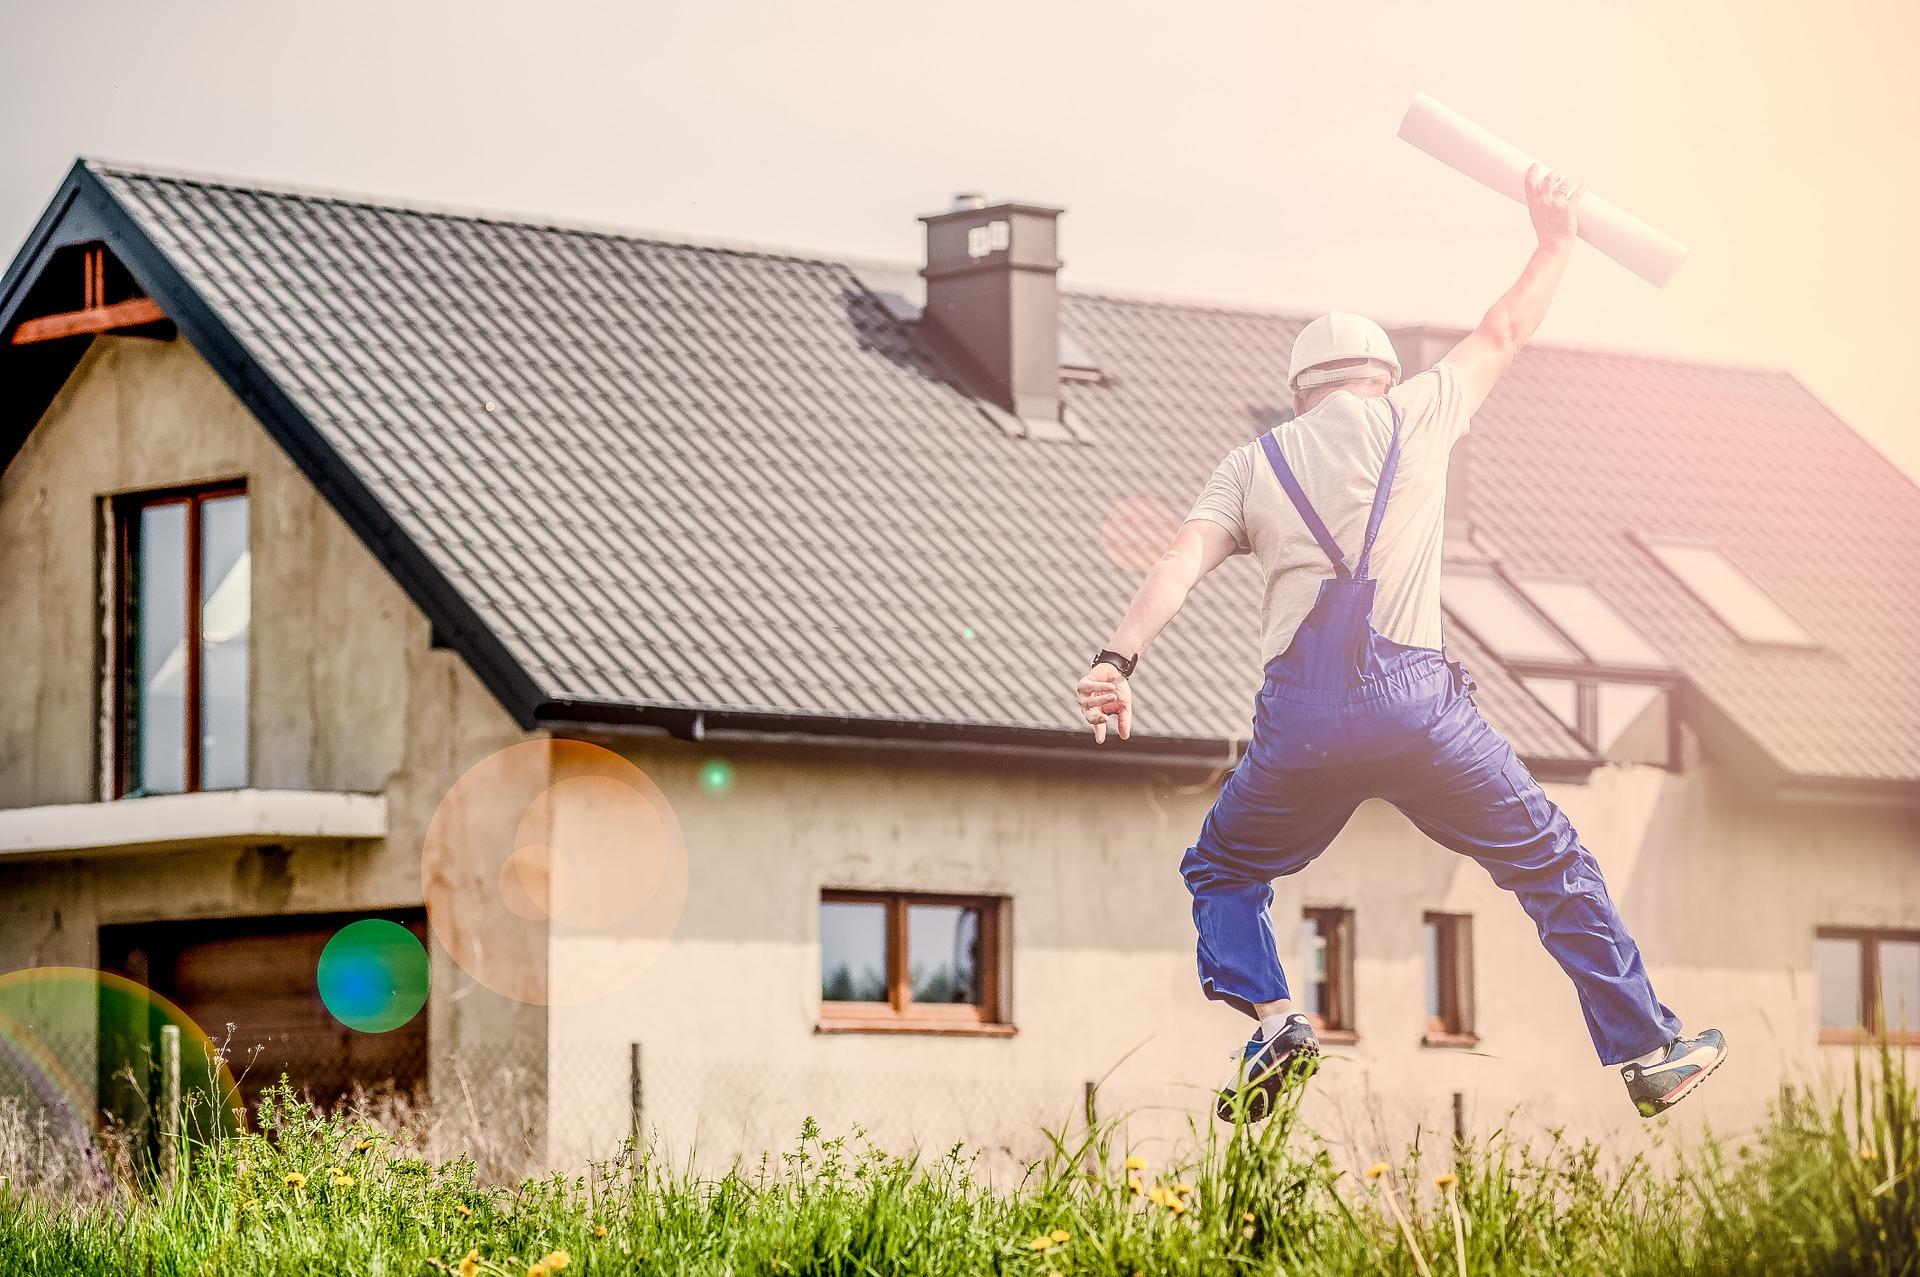 איך מתחילים לבנות בית – המדריך לבונה המתחיל